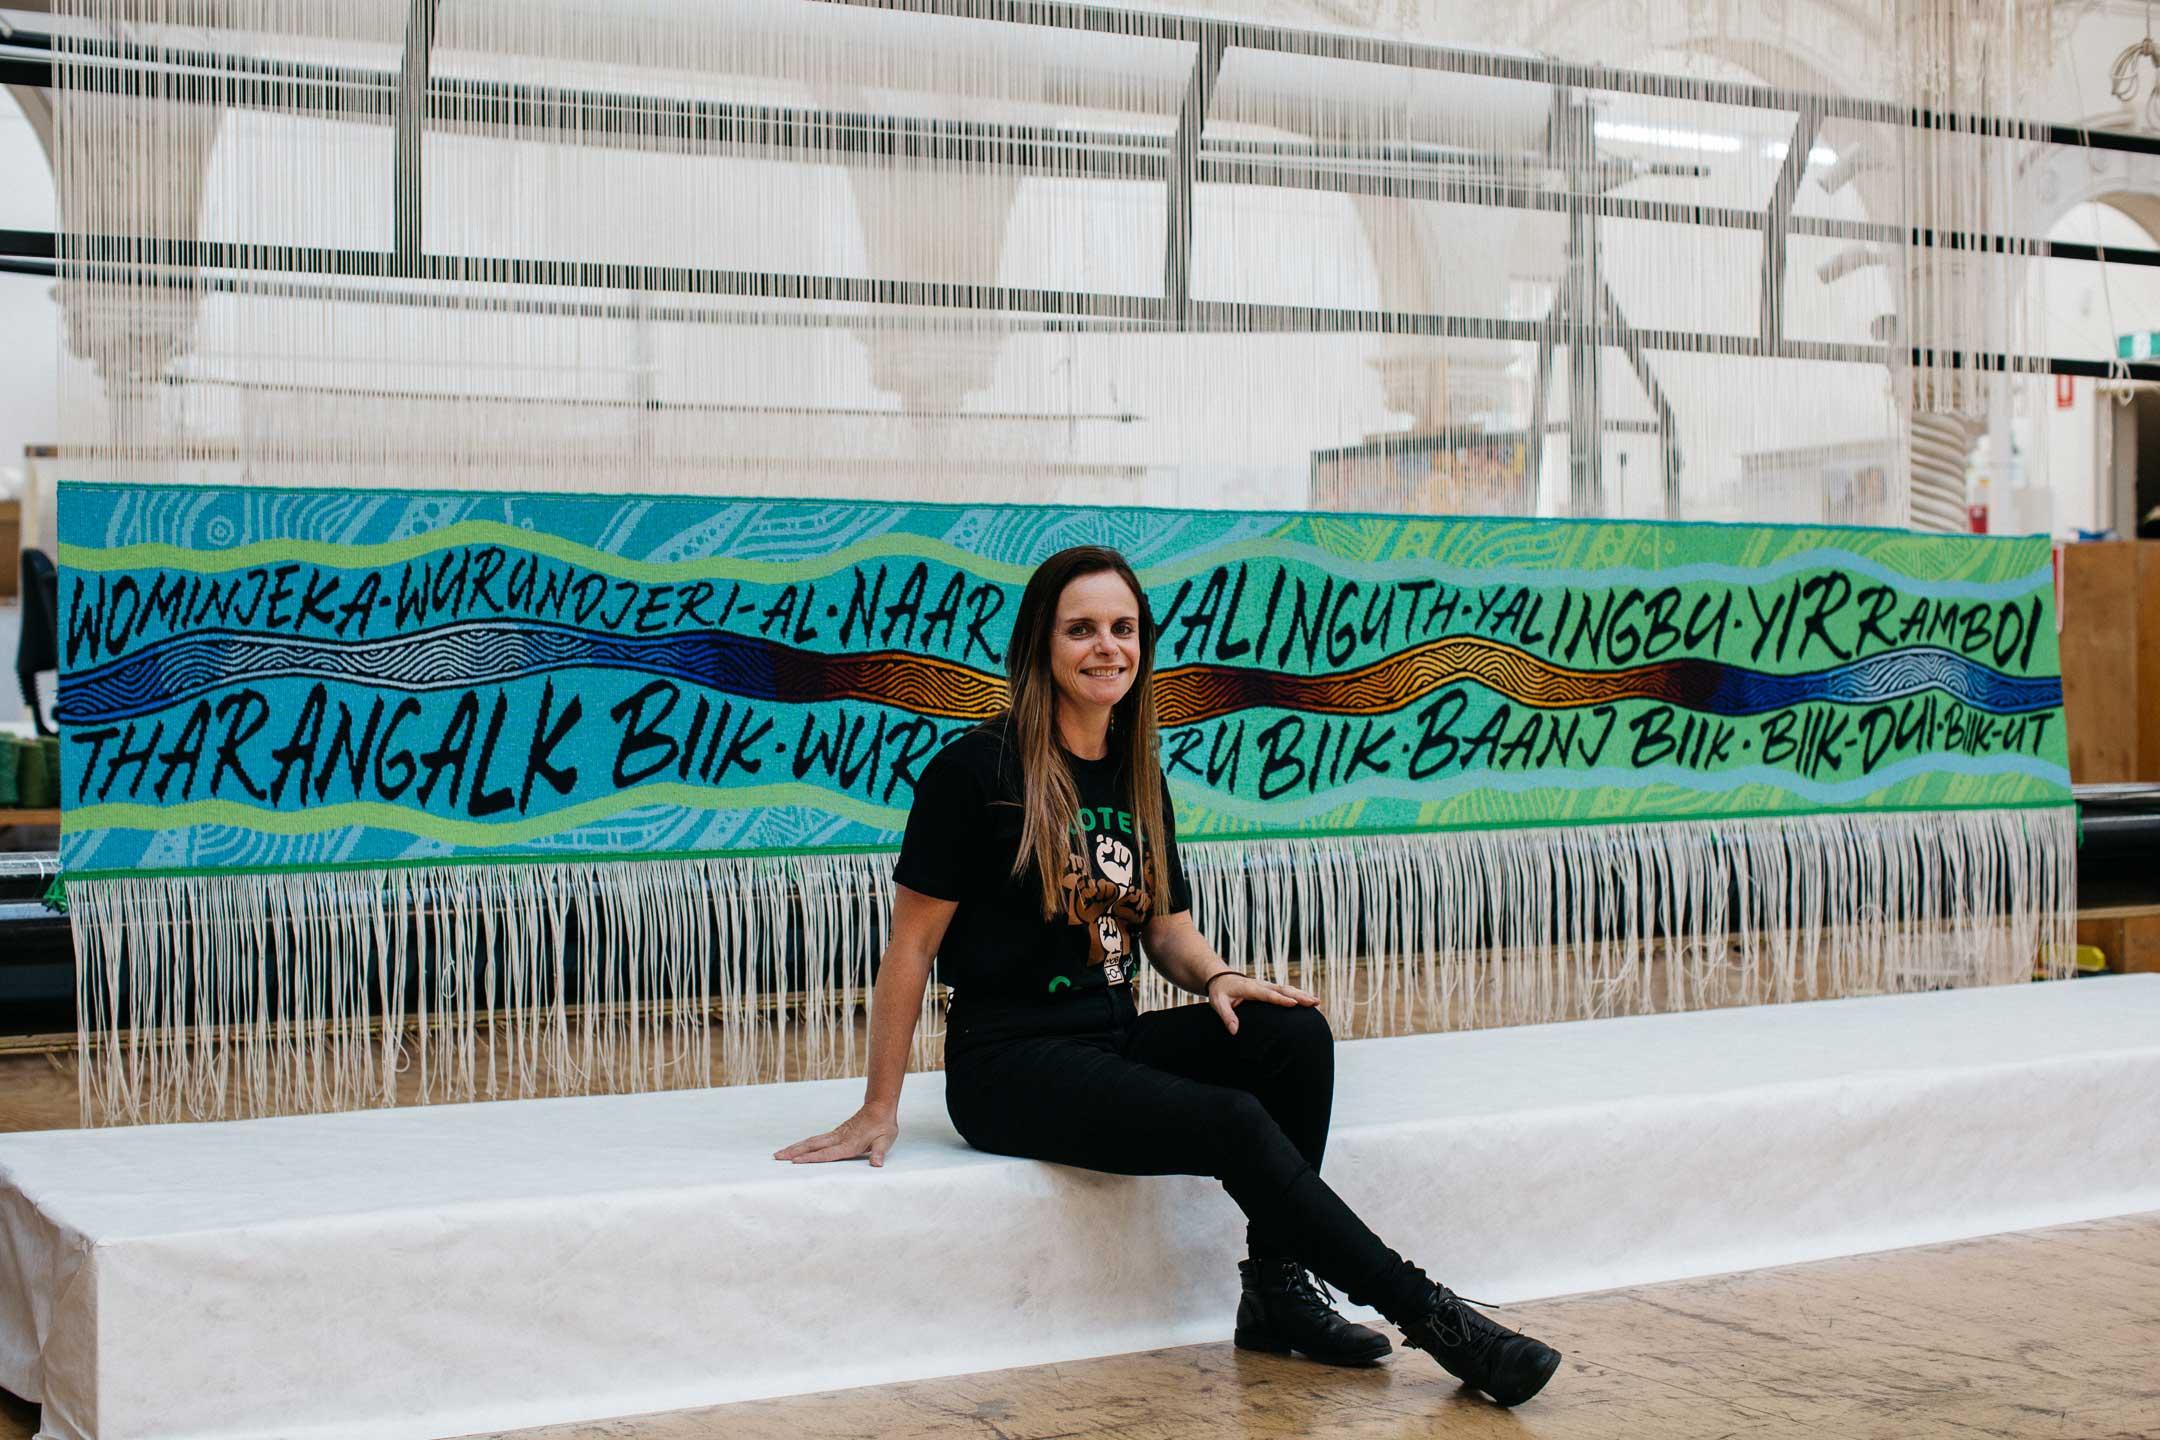 Mandy Nicholson with 'Wurundjeri Biik, yalinguth, yalingbu, yirramboi', 2020. Photo: Marie-Luise Skibbe.